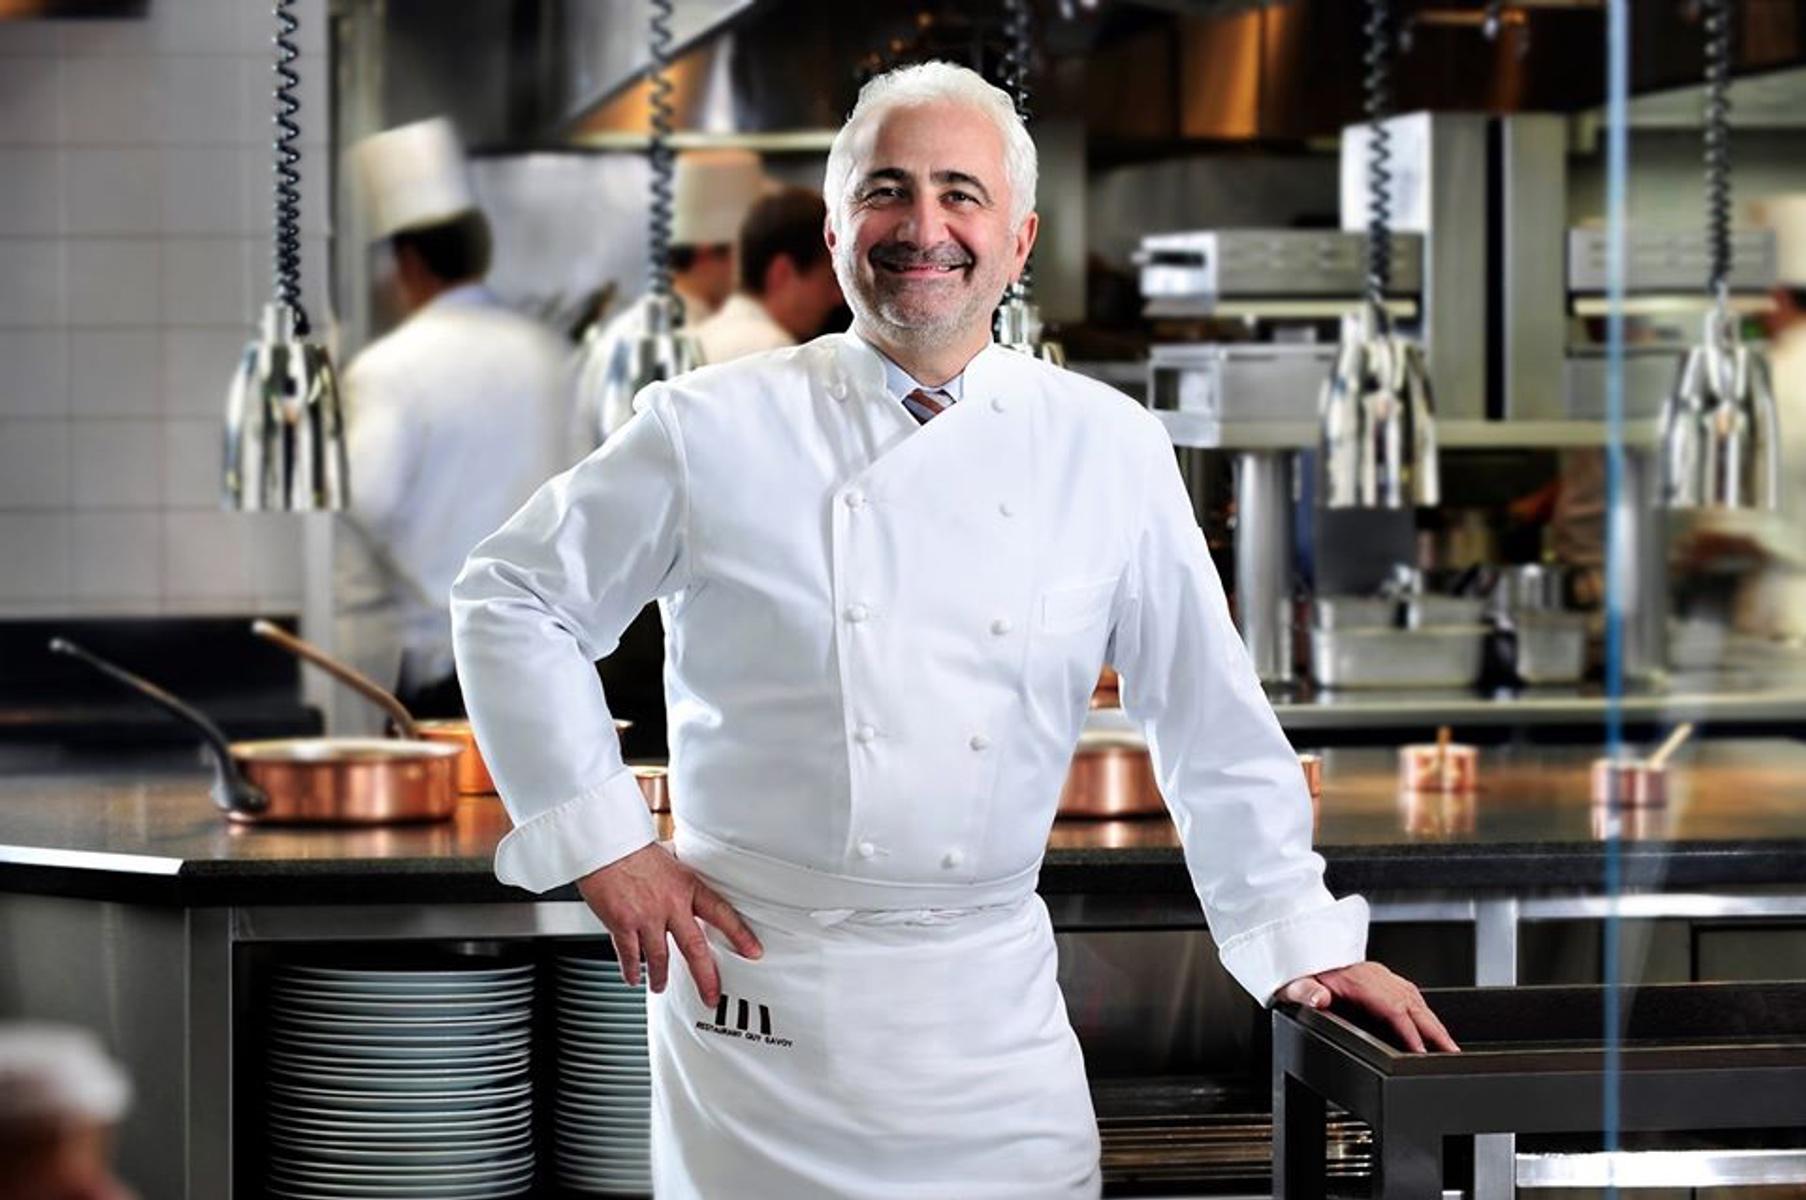 Στην Αθήνα ο Guy Savoy, ο αγαπημένος σεφ του Εμανουέλ και της Μπριζίτ Μακρόν